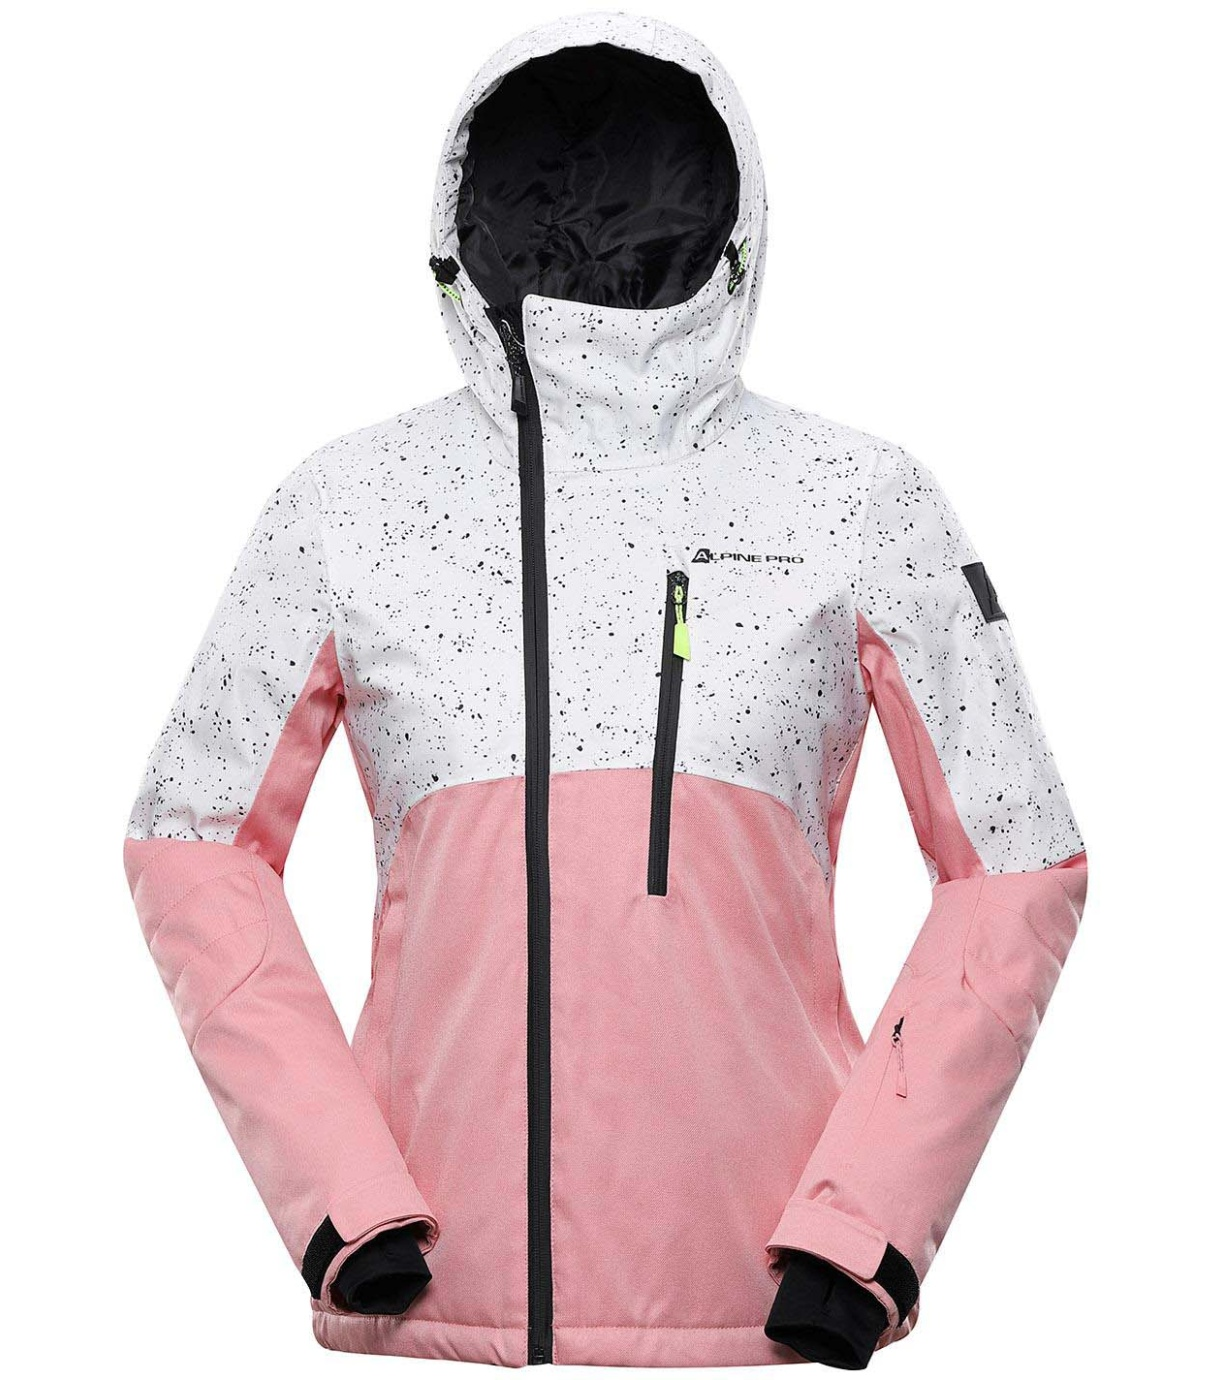 ALPINE PRO MAKERA 2 Dámská lyžařská bunda LJCS424455 pink icing XXL